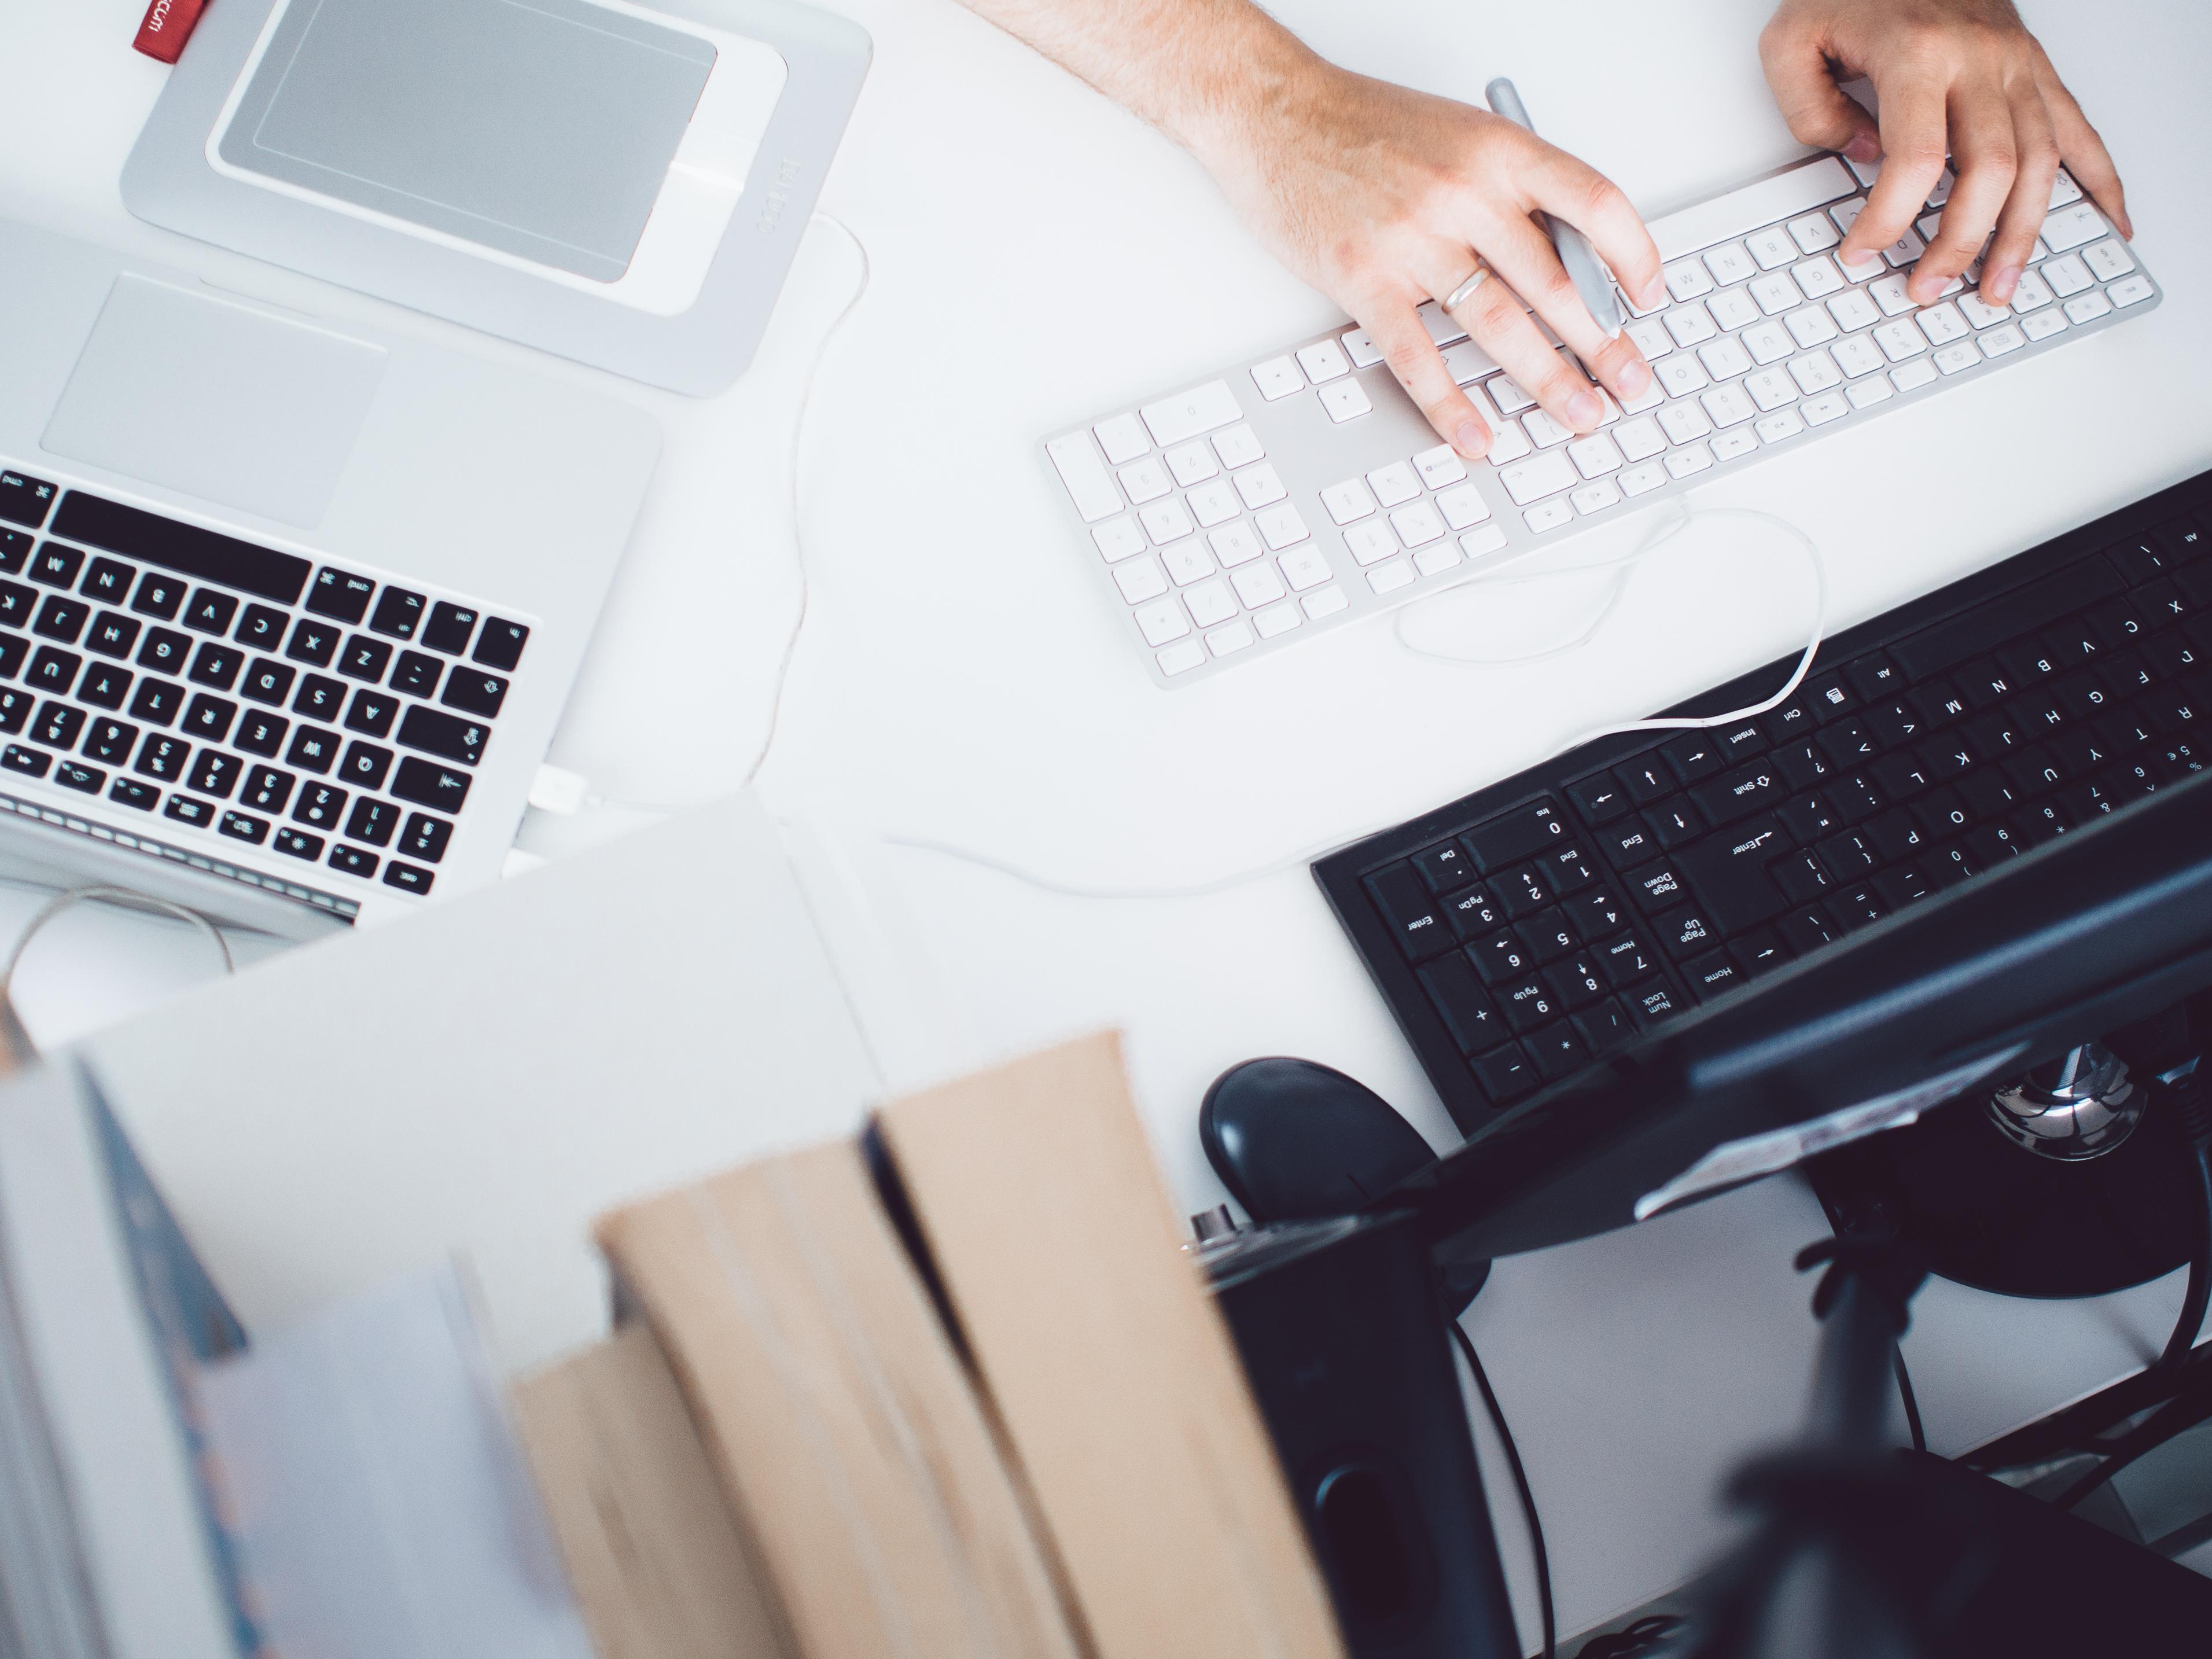 scrivania da lavoro con computer